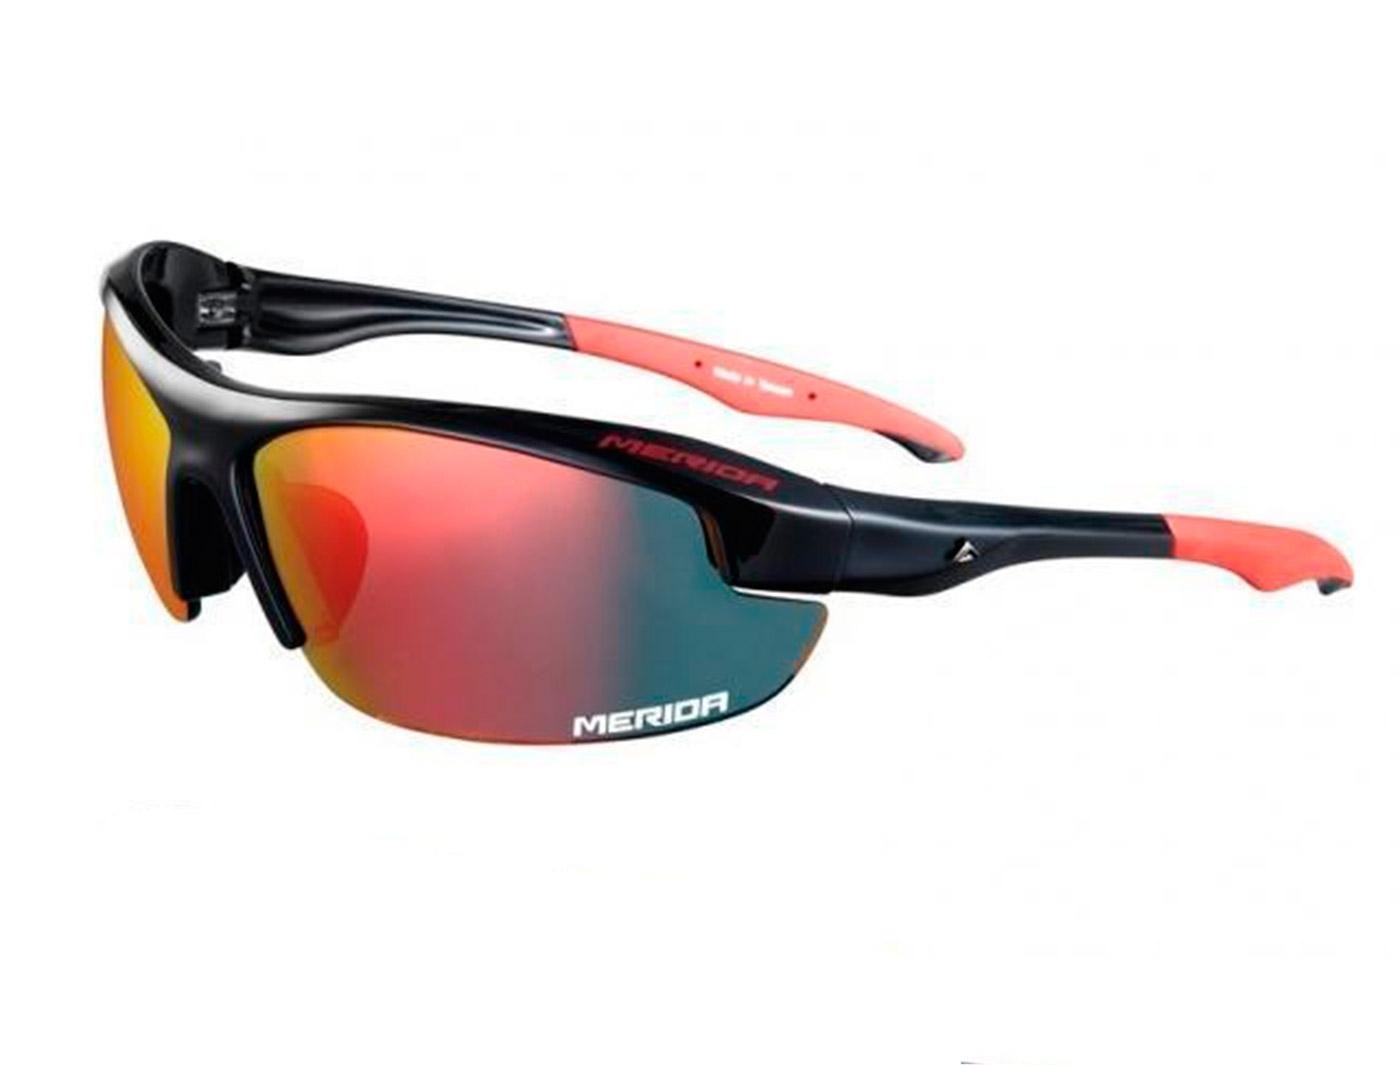 Очки со сменными линзами Merida Sport Edition Sunglasses Shiny black/Red (2313001088)